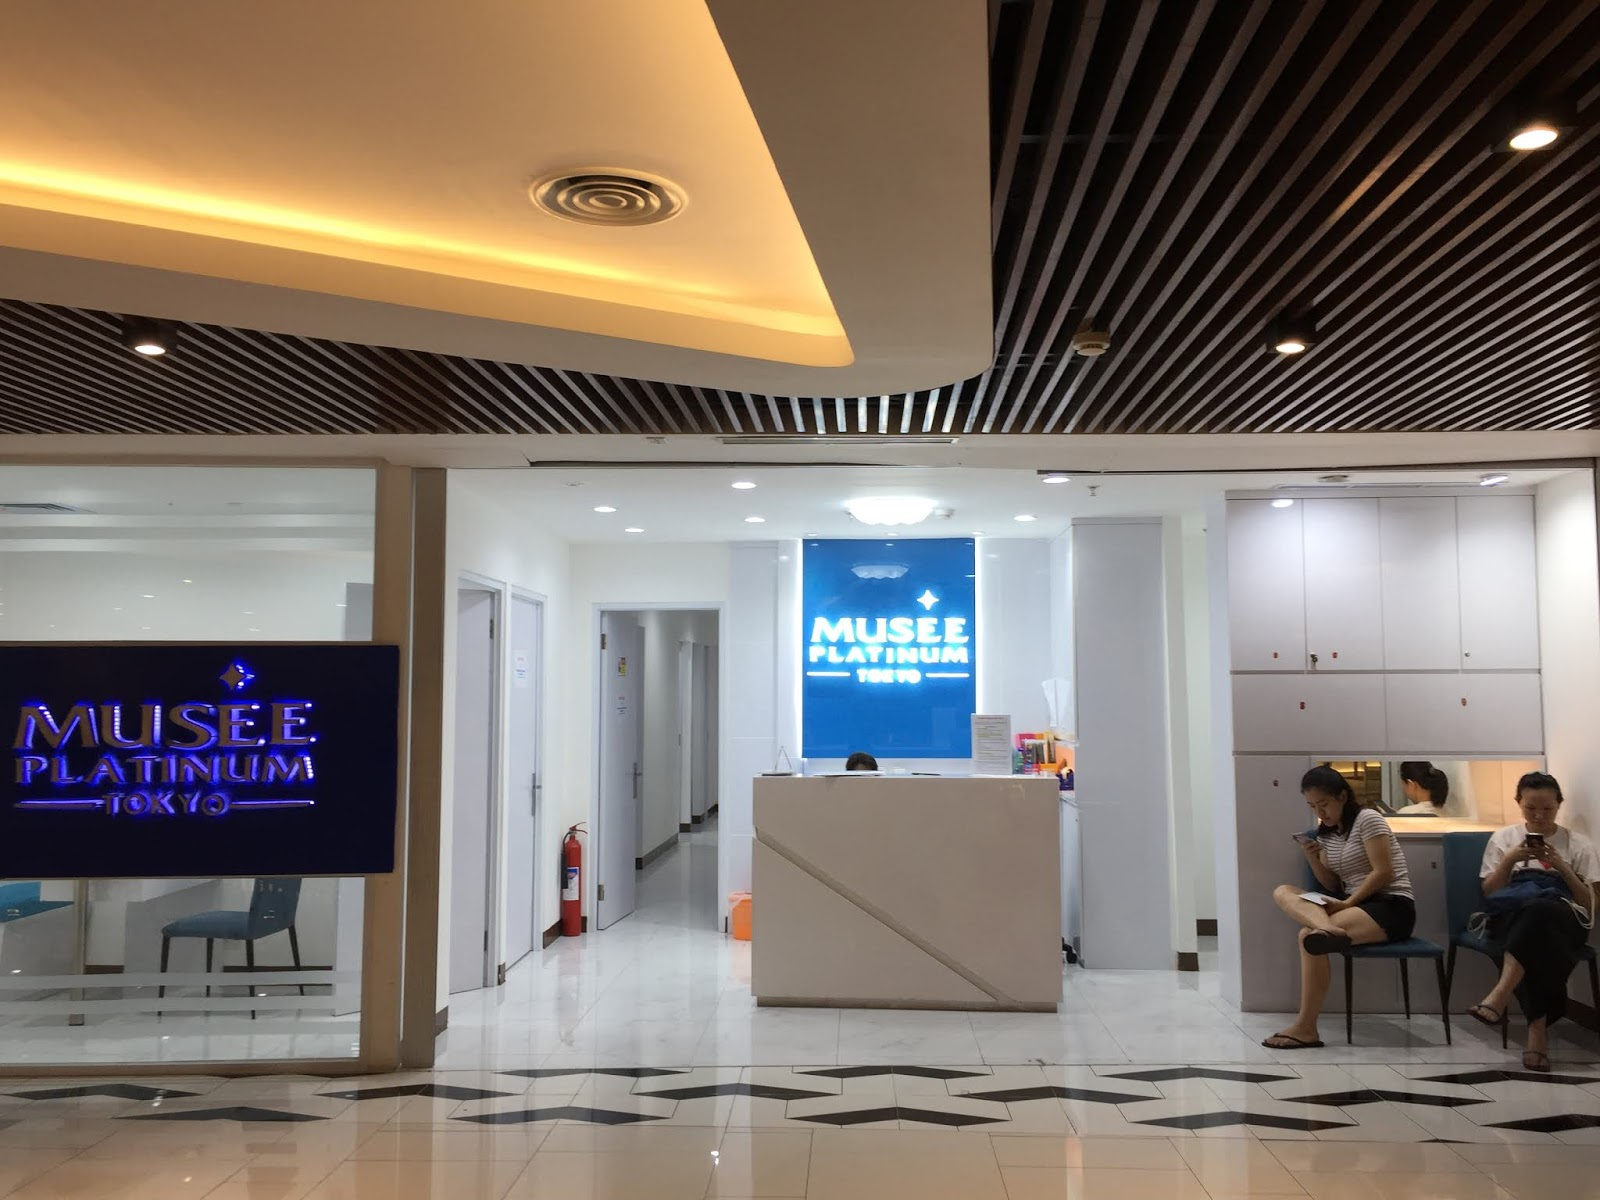 Musee Platinum Tokyo: Rambut Ketiak Bersih dalam 10 Menit